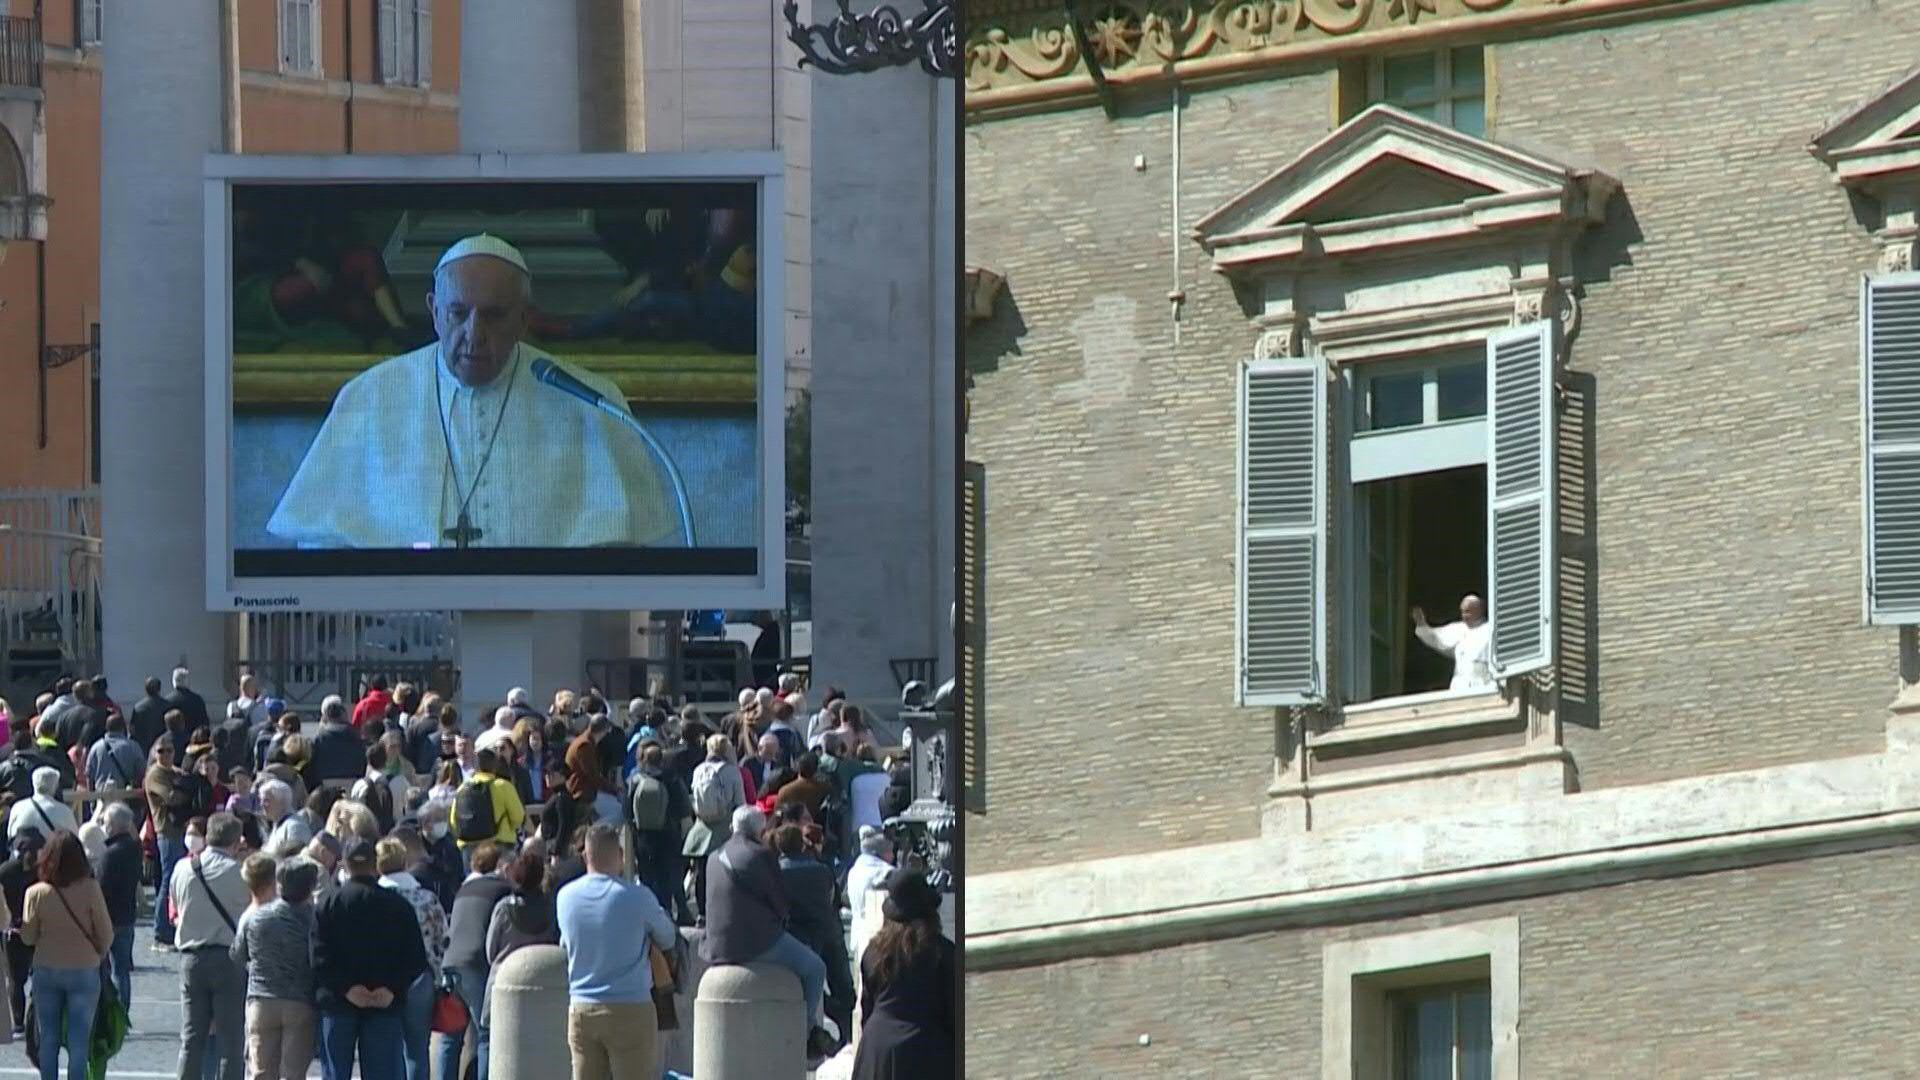 """El papa expresa su """"cercanía"""" con enfermos de coronavirus en un mensaje por streaming"""